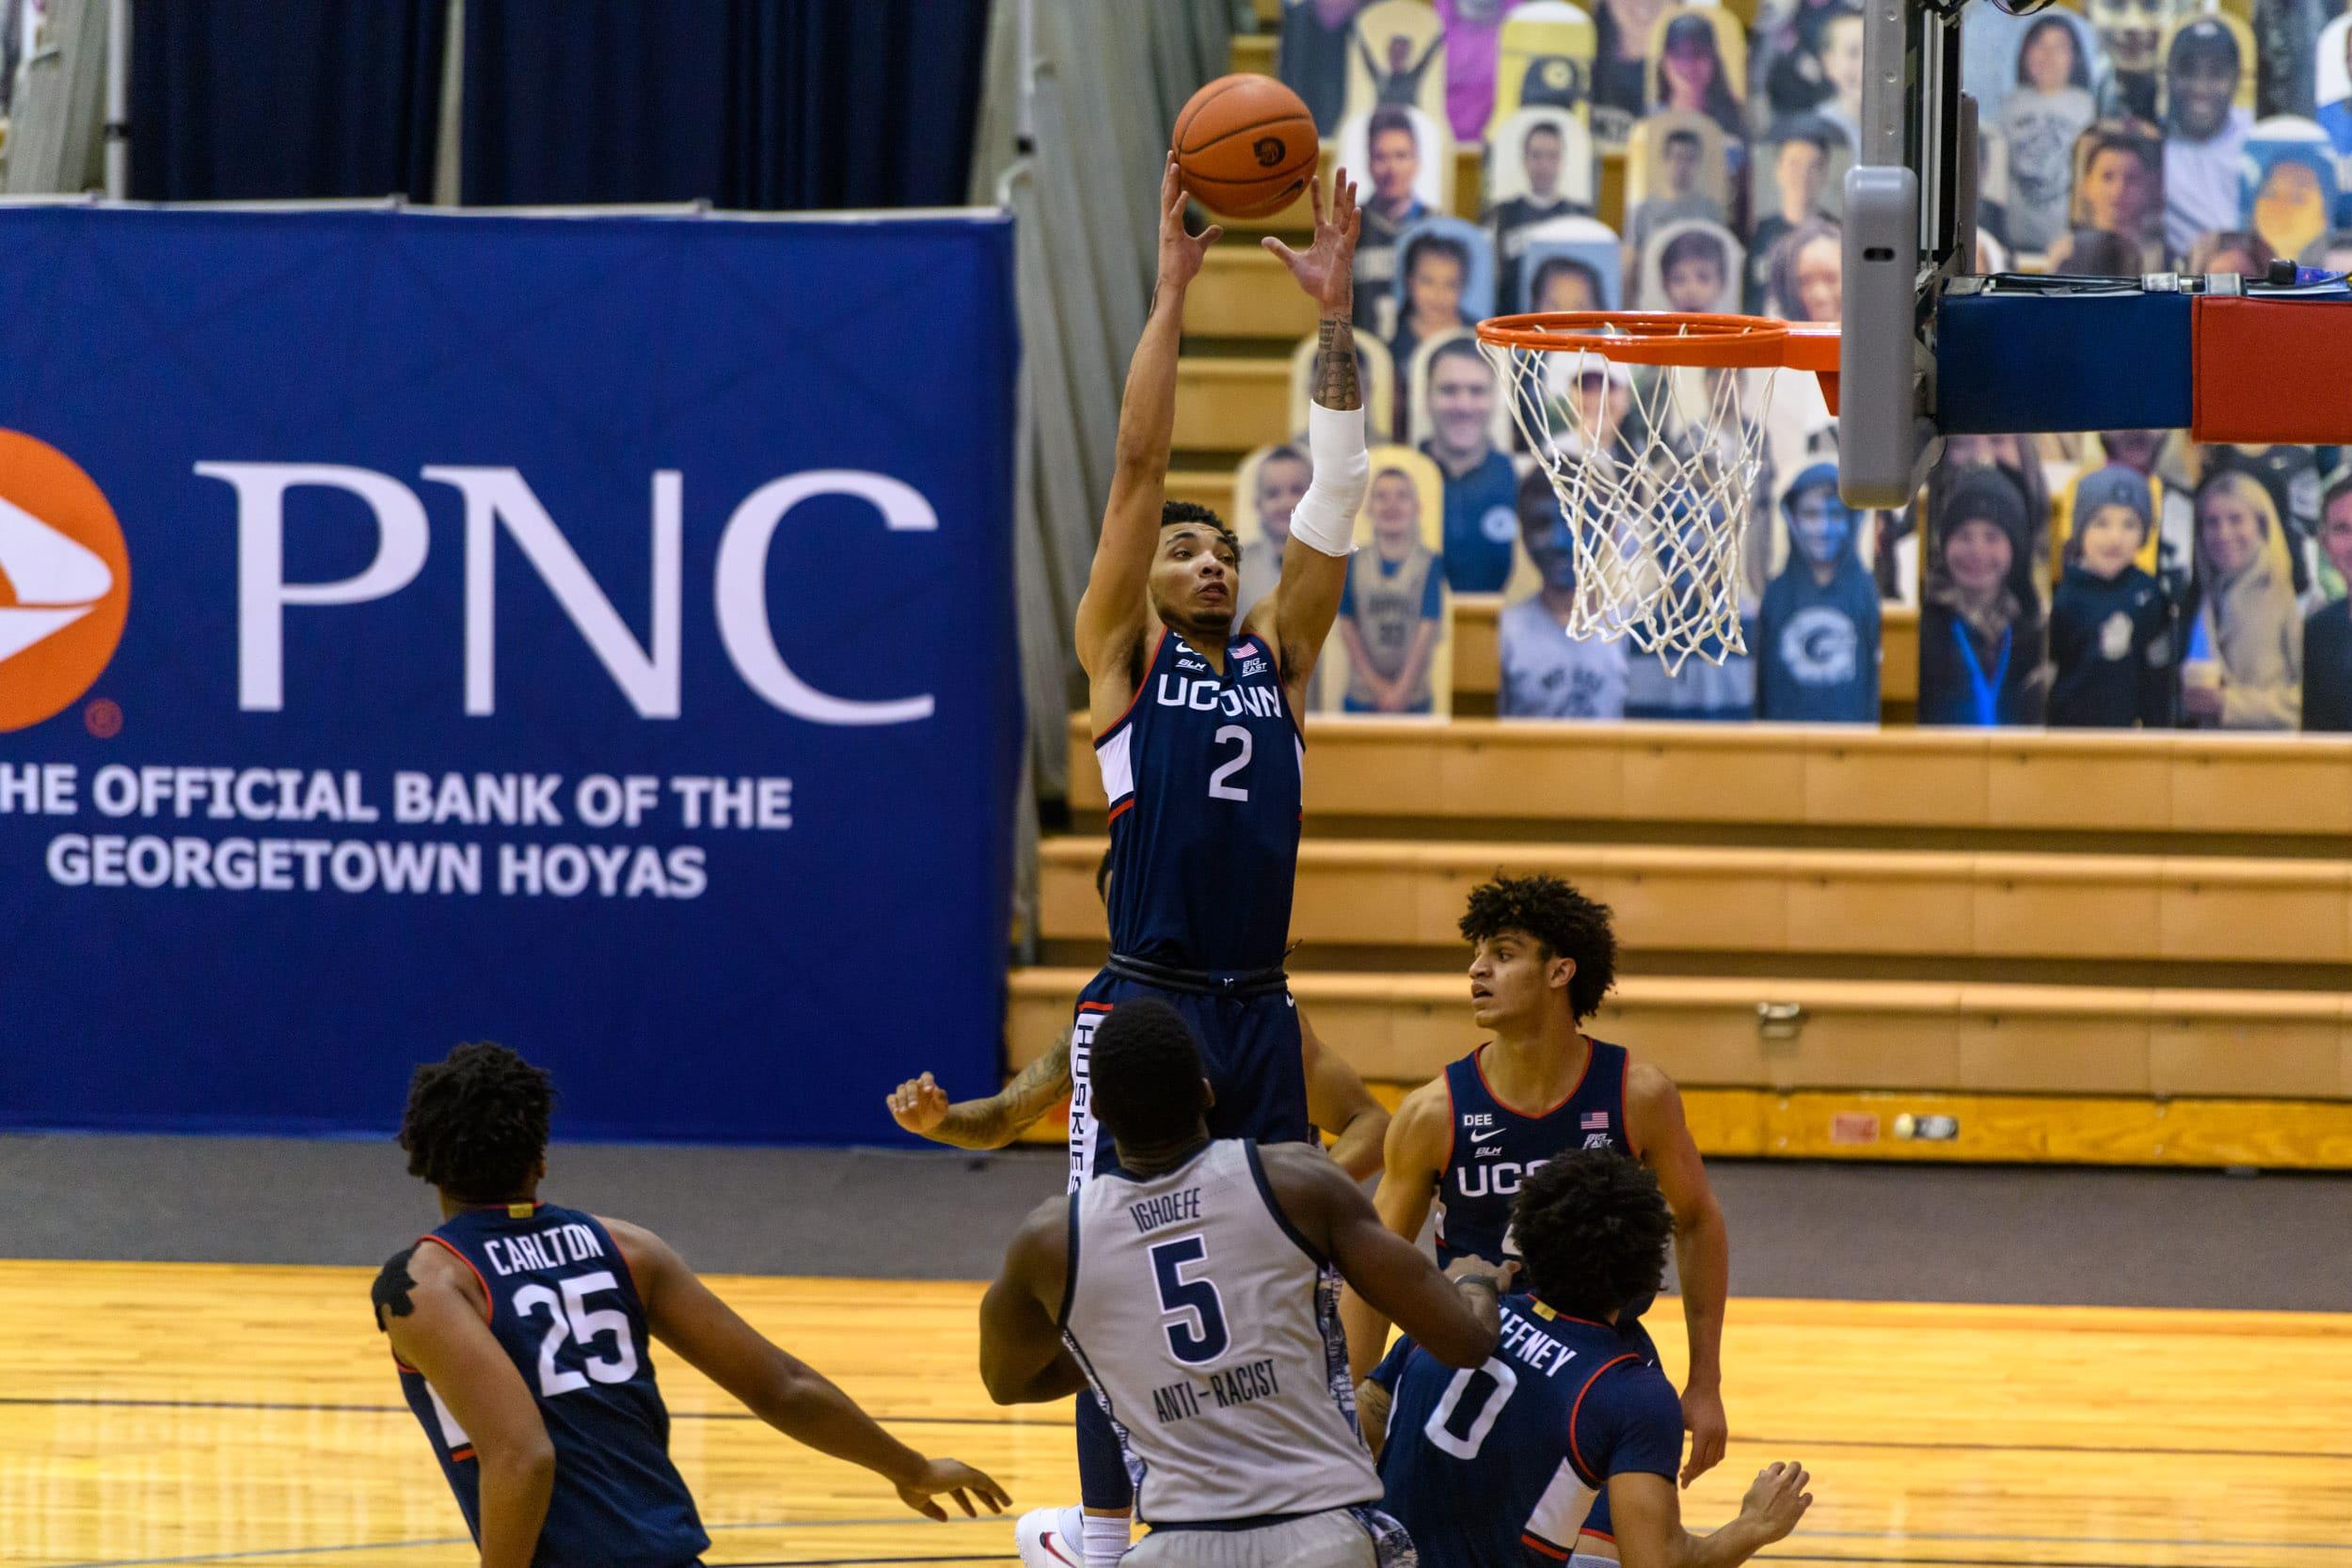 UConn Basketball Beats Georgetown